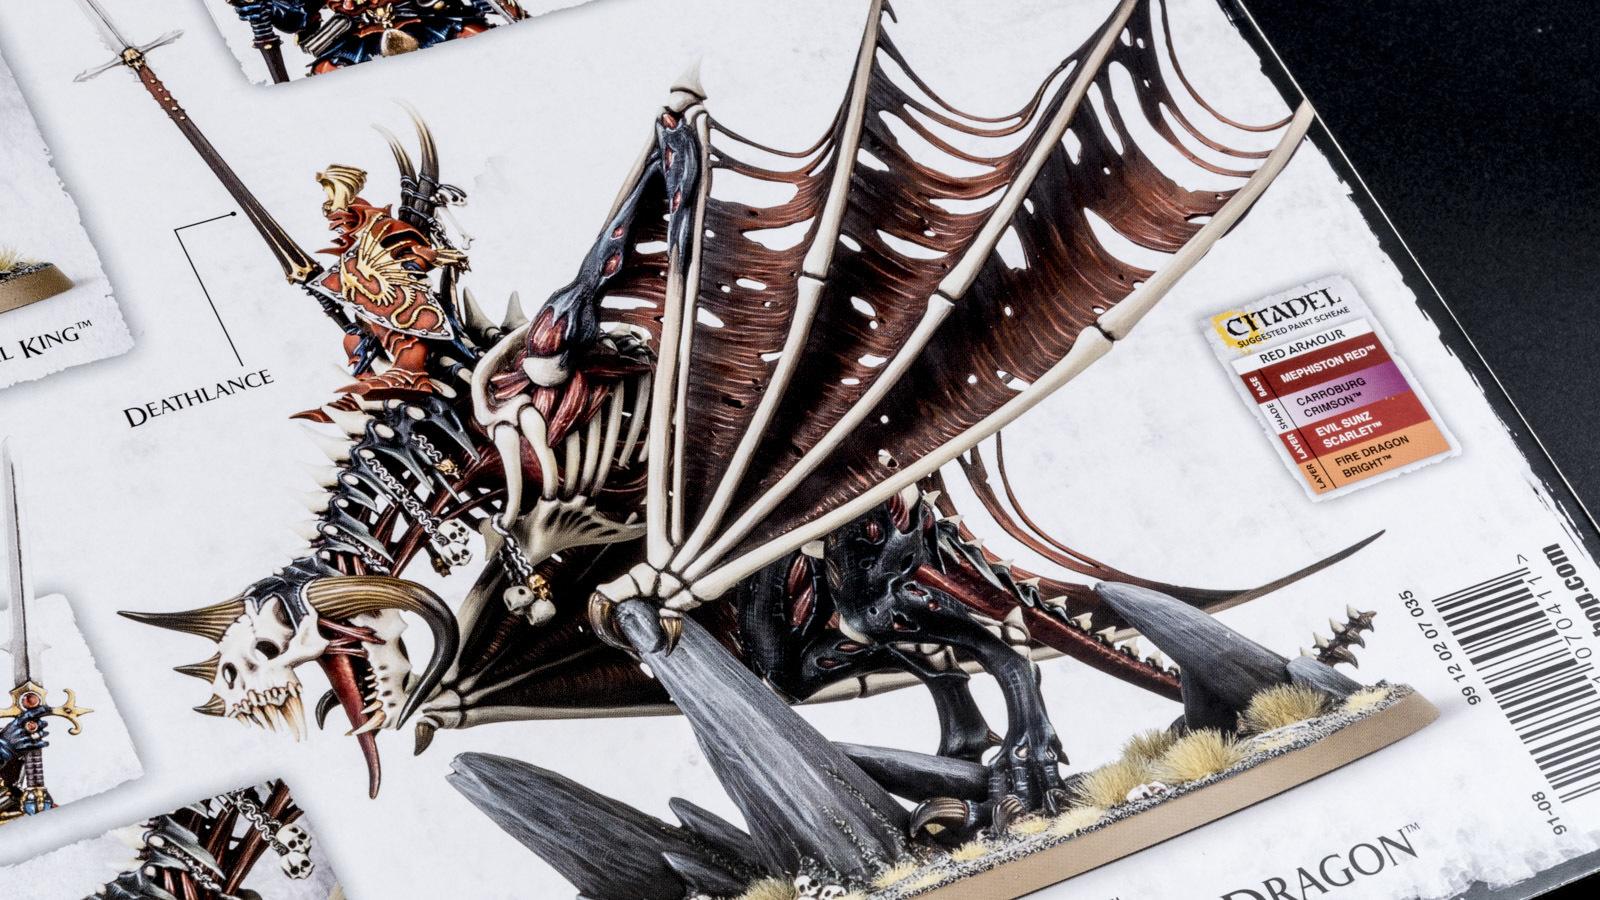 キミは腐ったドラゴンのプラモデルを組んだことがあるか(前編)_b0029315_23301532.jpg